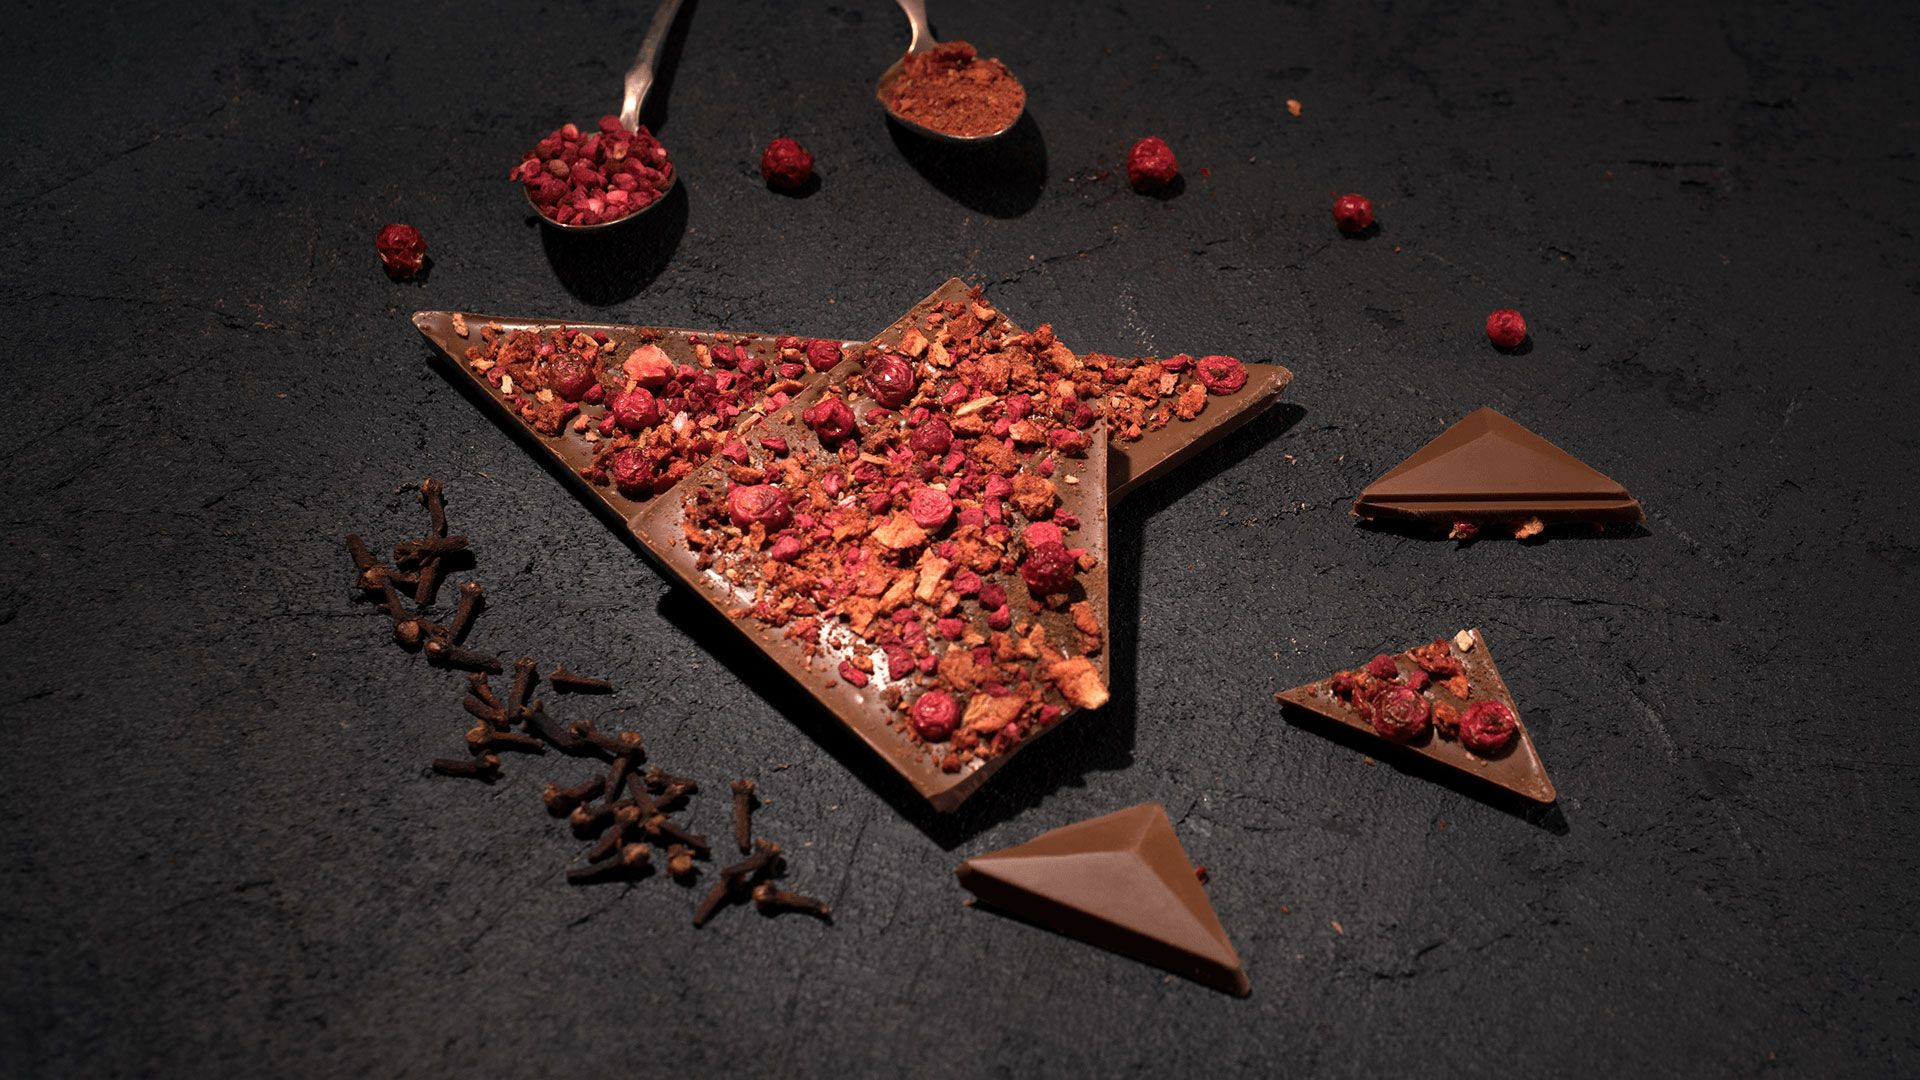 Aguara chocolate dedicated to wine Pinot noir